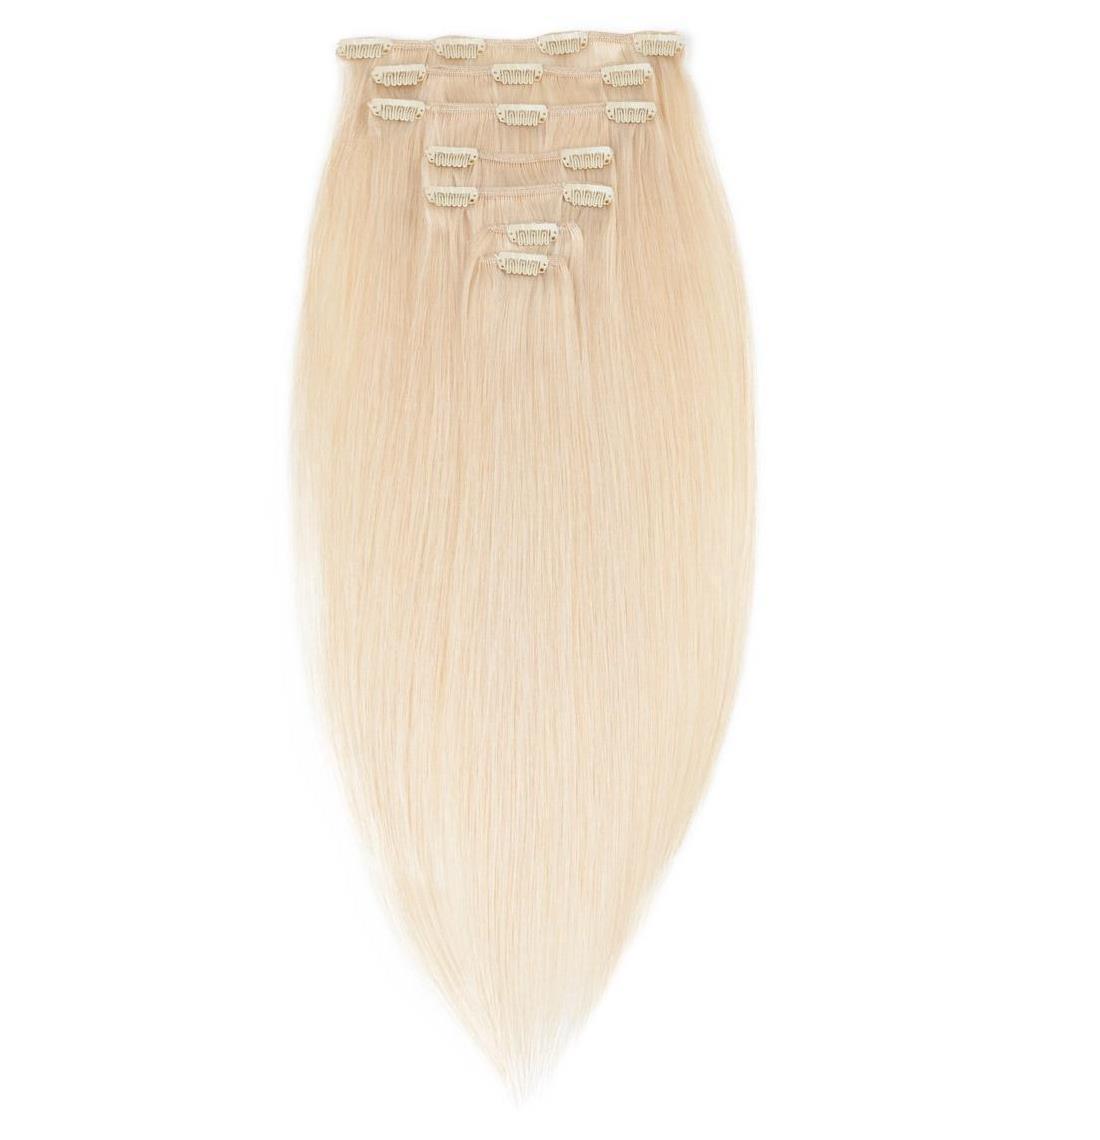 Волосы на заколках 60 см. Цвет #60 Холодный блонд